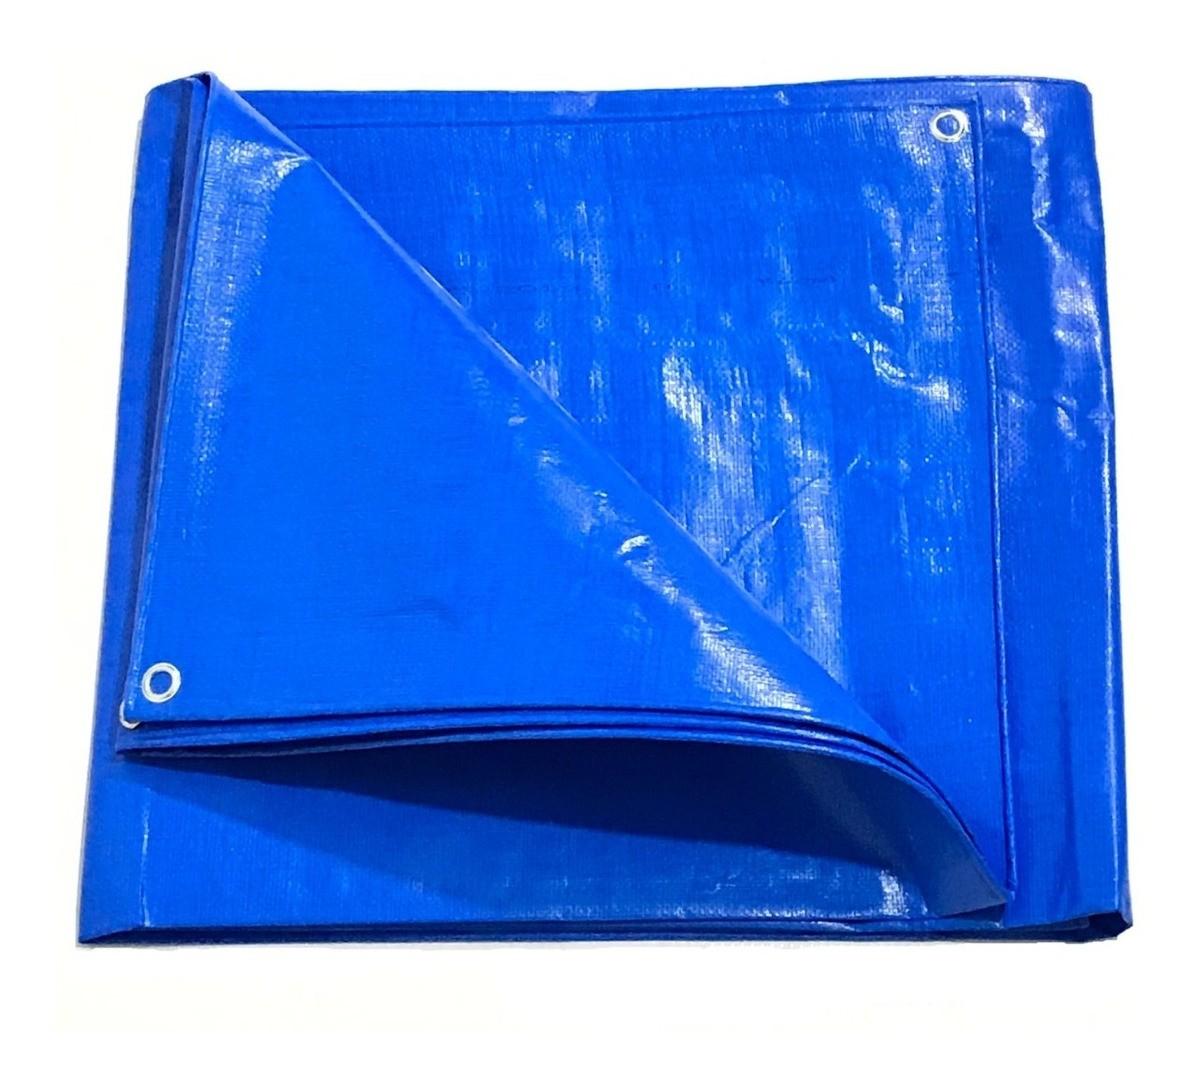 Lona Prática Multiuso Piscinas com Dreno Azul 300 Micras